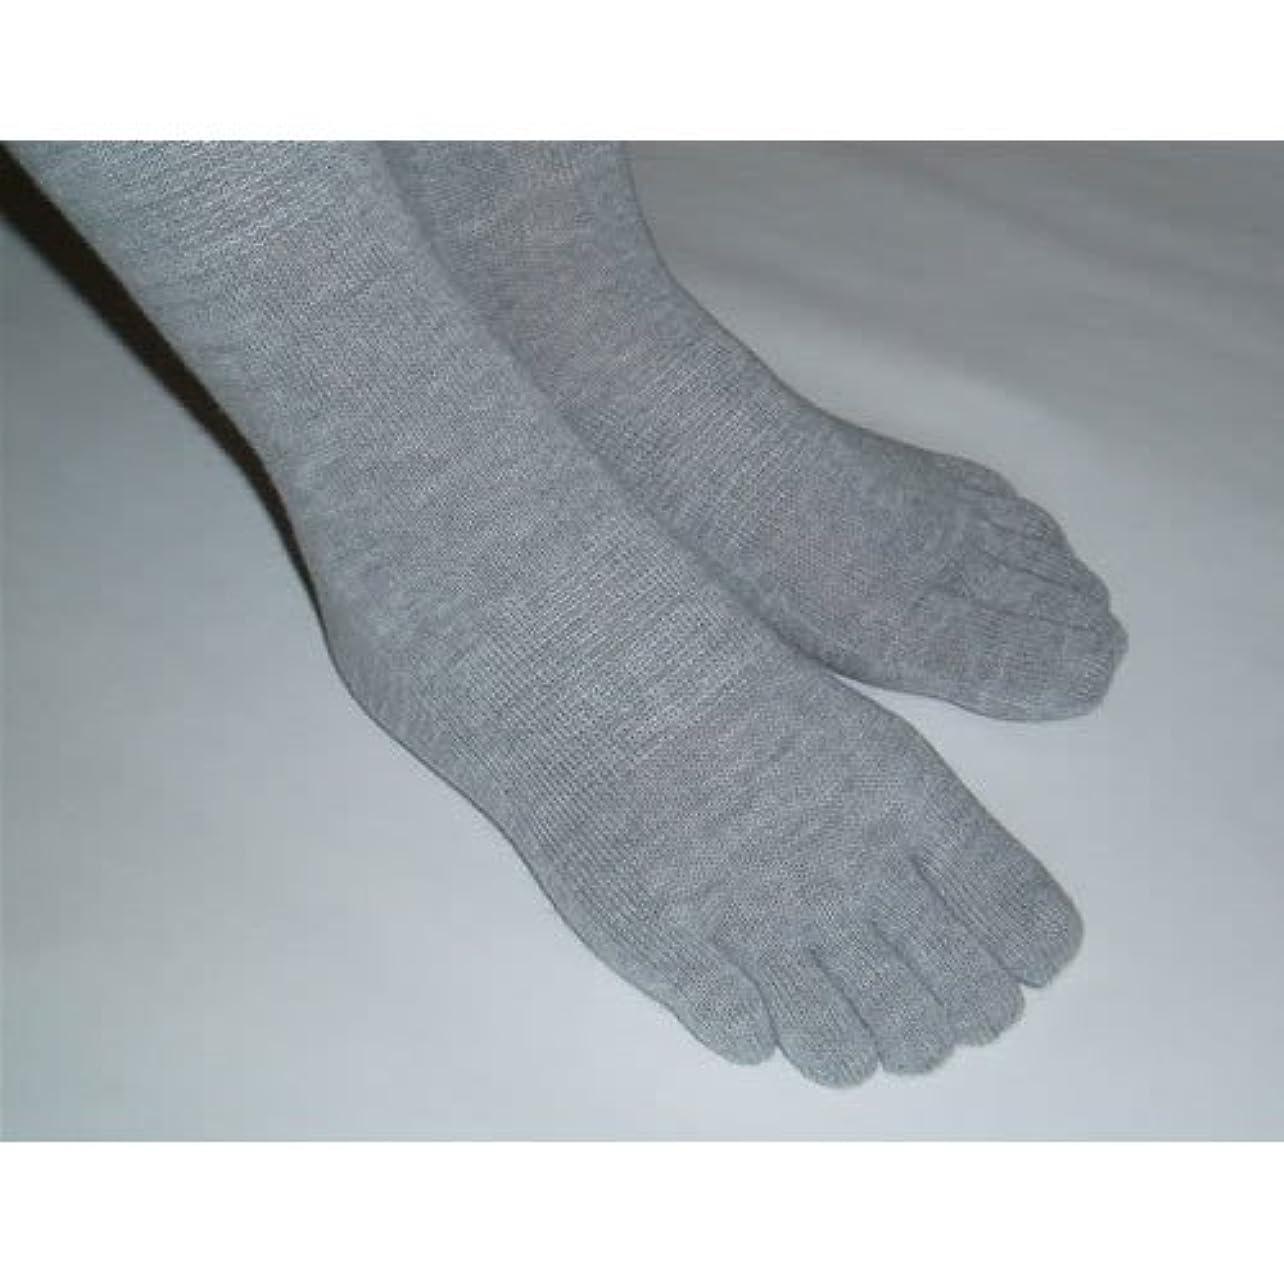 れんがインテリア奪う5本指ソックス 婦人(22-24cm)サイズ 【炭の靴下】